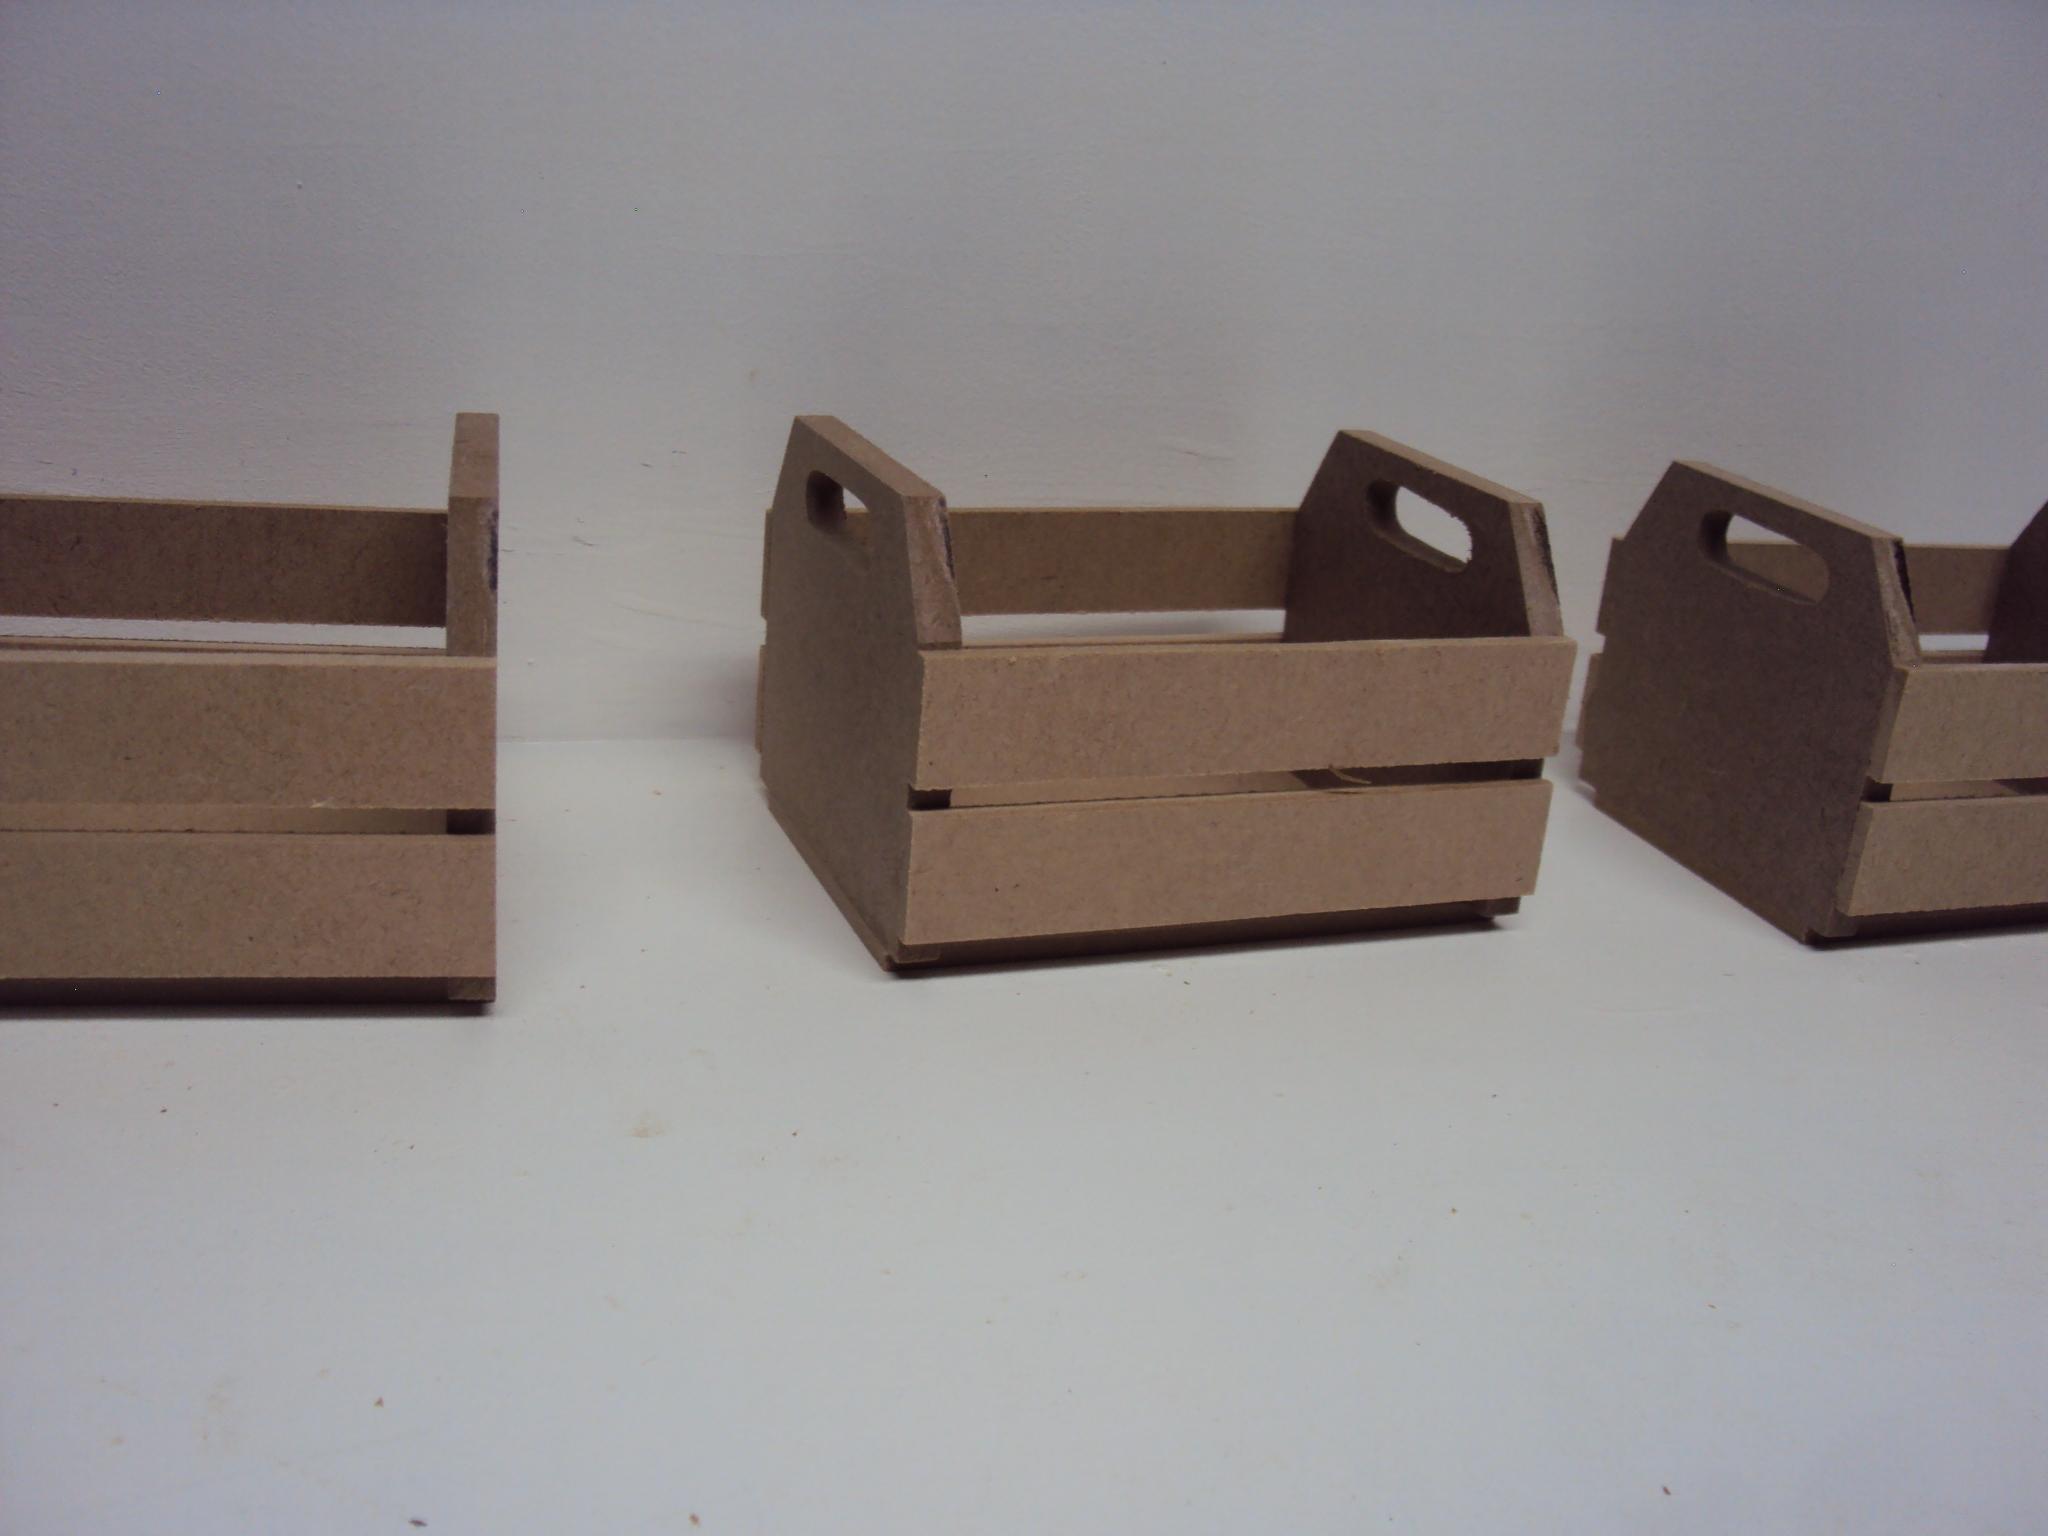 de madeira mdf lembrancinha centro de mesa caixote de madeira mdf  #765C4C 2048x1536